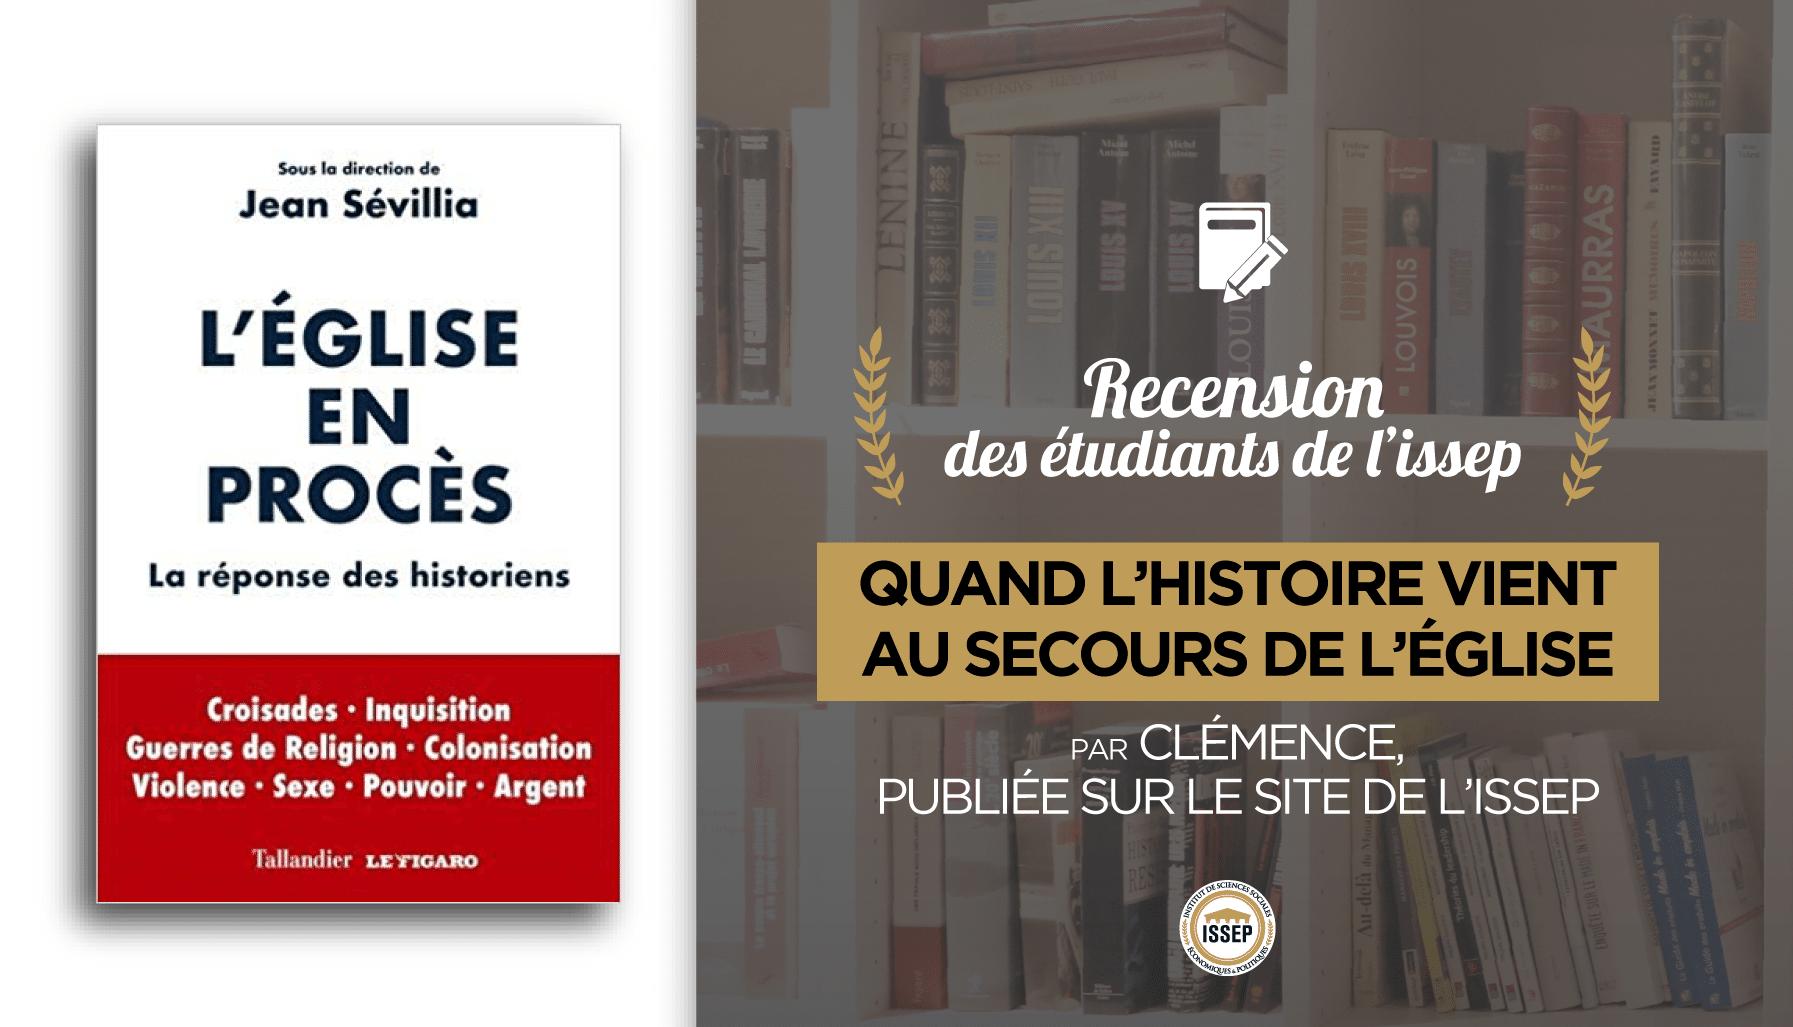 Critique littéraire de L'Eglise en procès de Jean Sévillia, par Clémence, étudiante à l'ISSEP